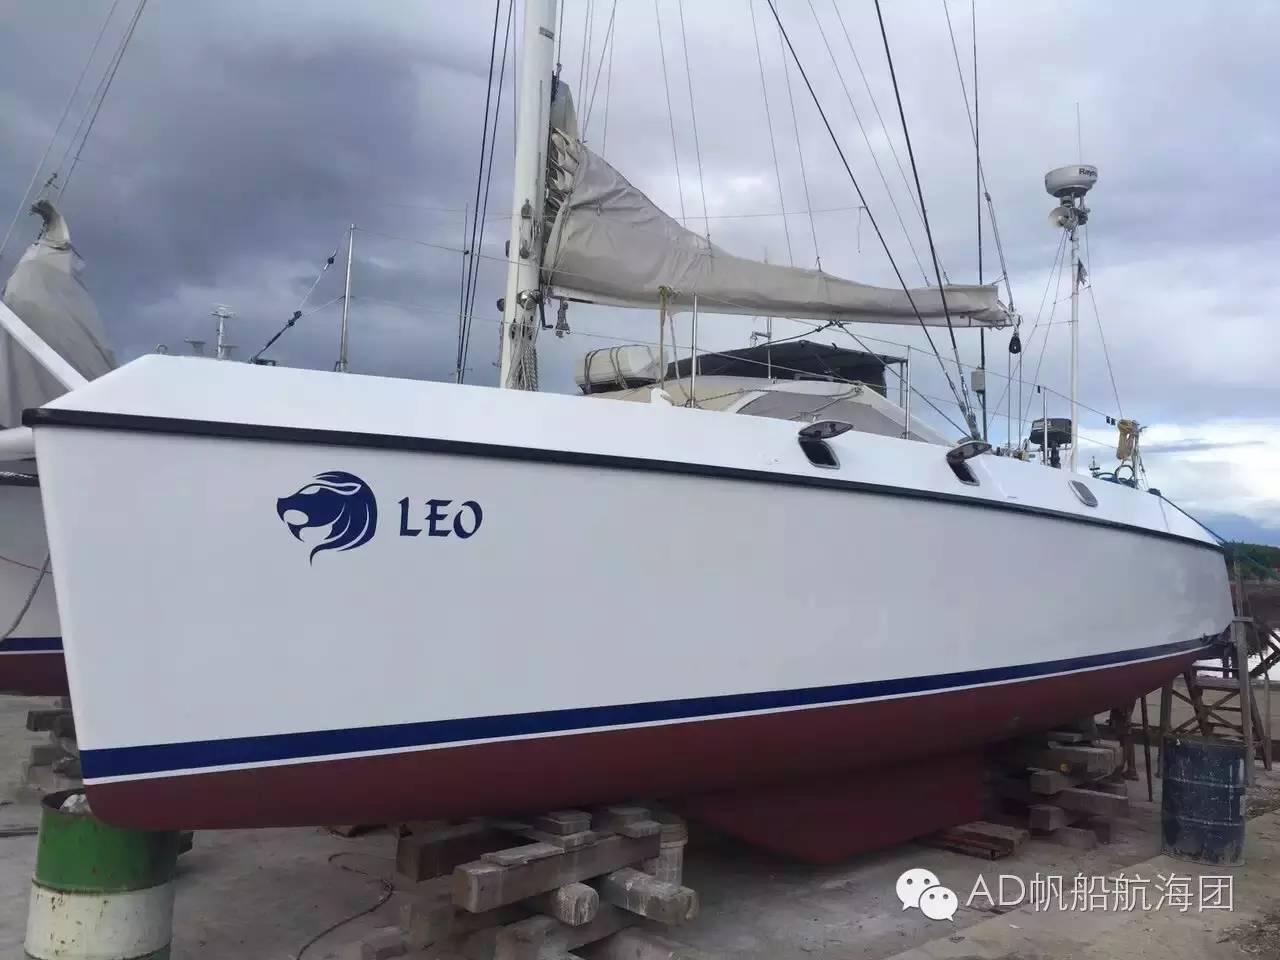 年度总结,文章,帆船 AD帆船航海团年中总结 b590befba456fd6126b5dded0094bb1c.jpg